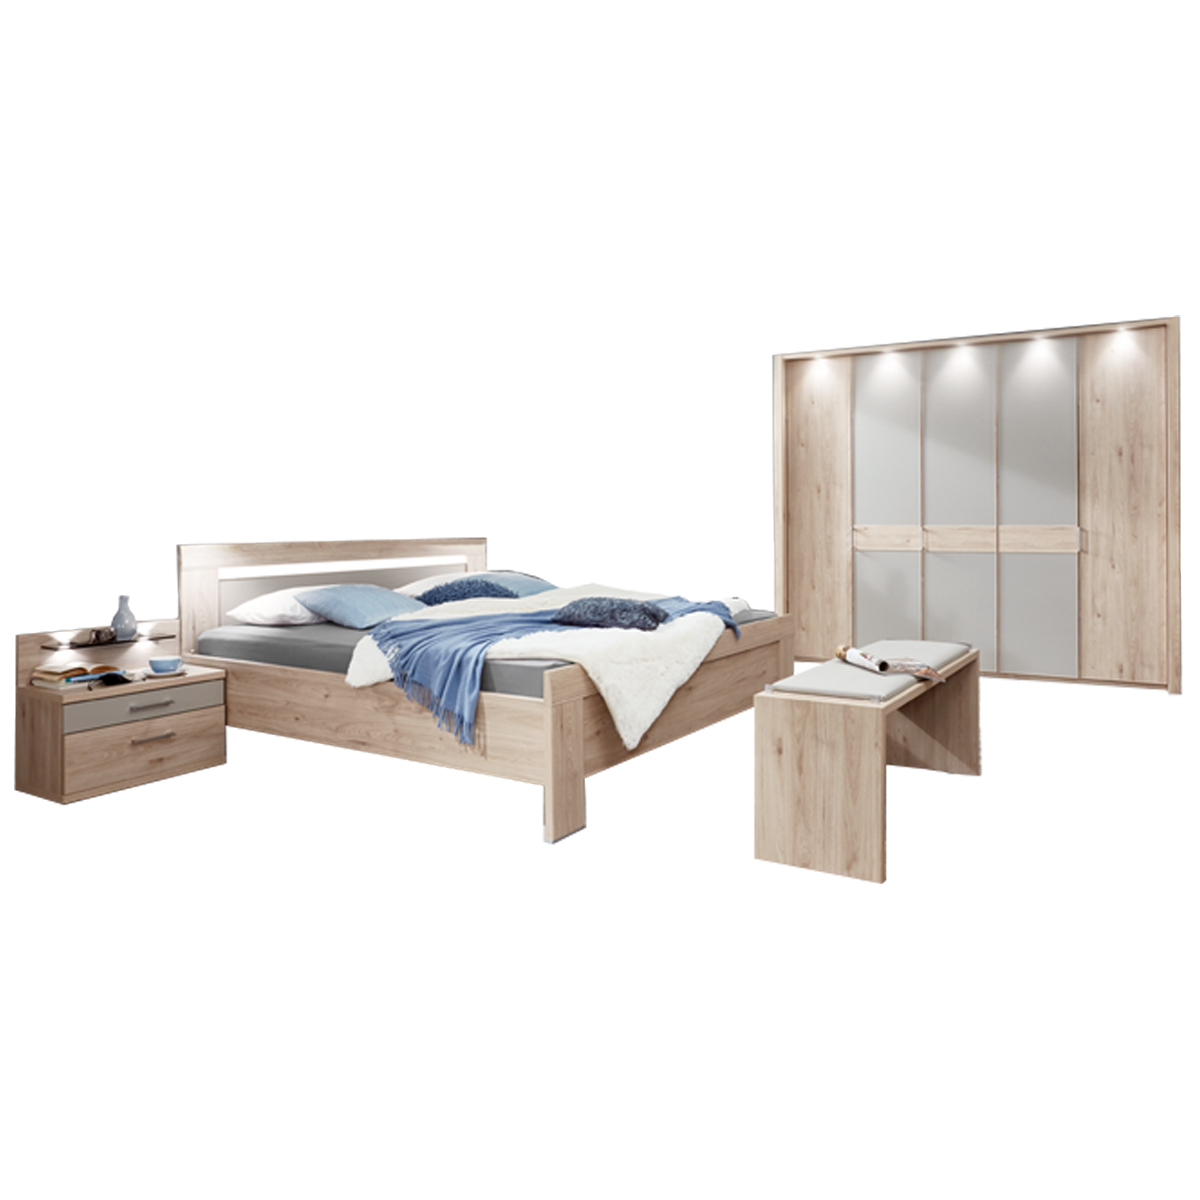 Wiemann Donna 19 Schlafzimmer mit Bett 19-türigem Drehtürenschrank  Nachtkonsolen und Ankleidebank in Steineiche-Nachbildung mit Absetzungen in